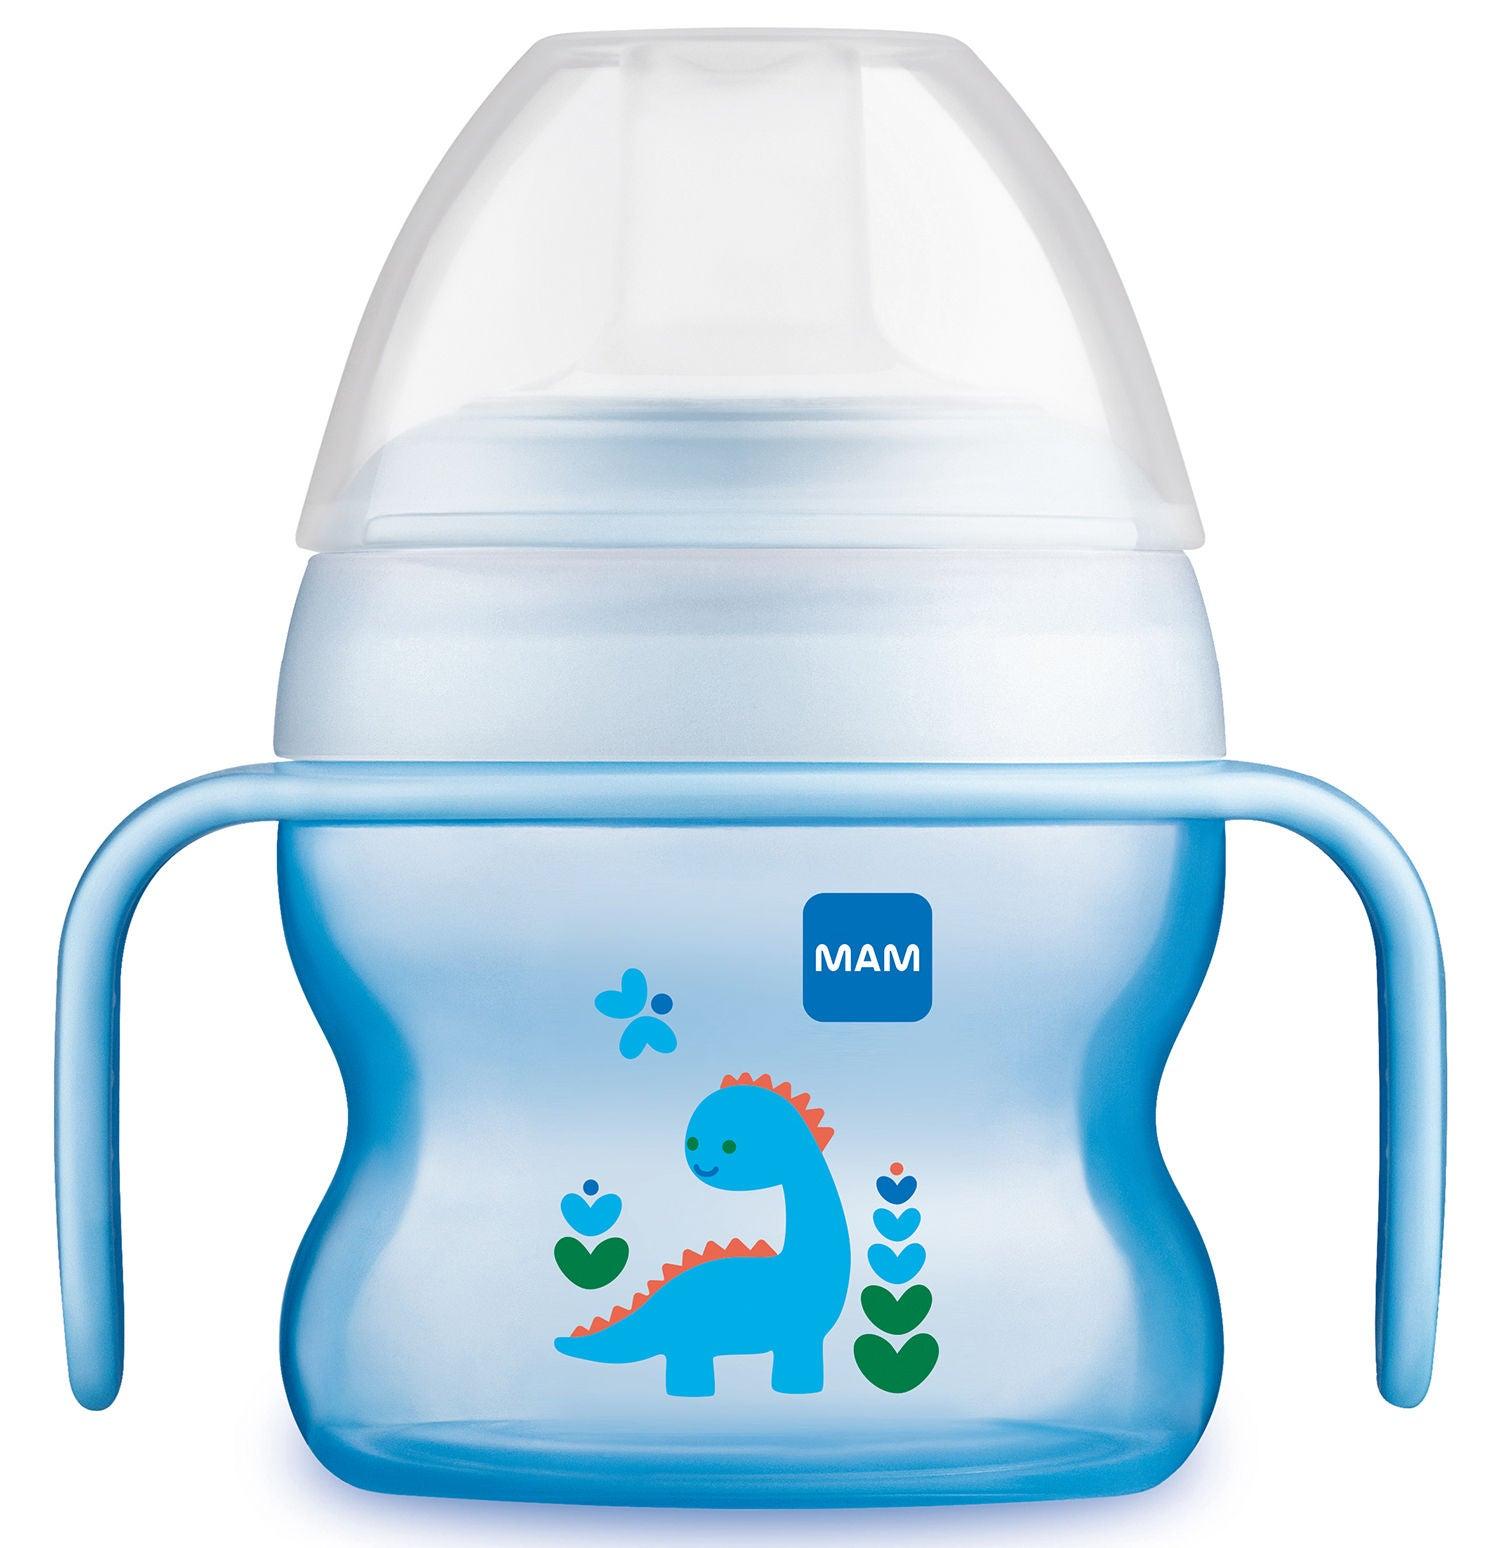 MAM Starter Cup, Blue